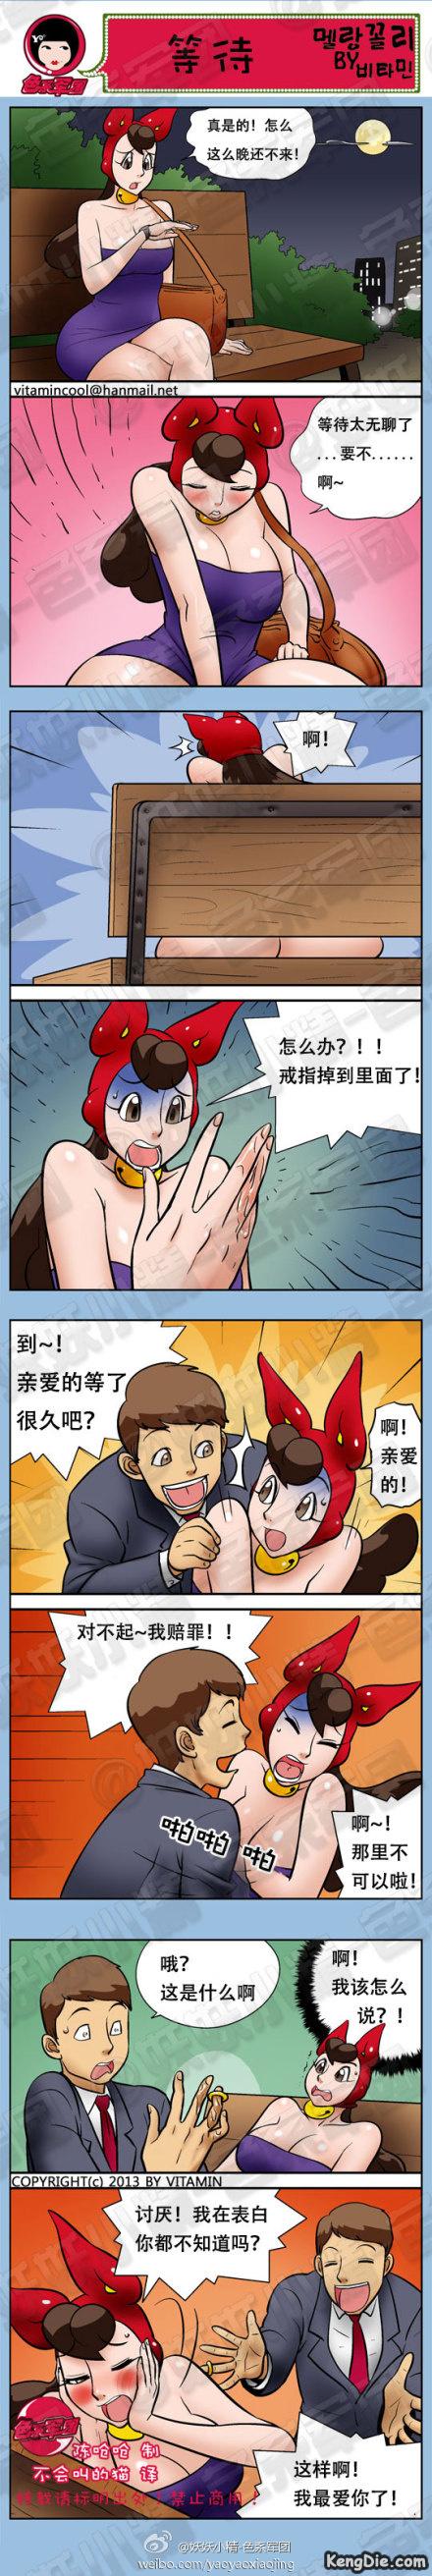 色系军团邪恶漫画:机智的男朋友